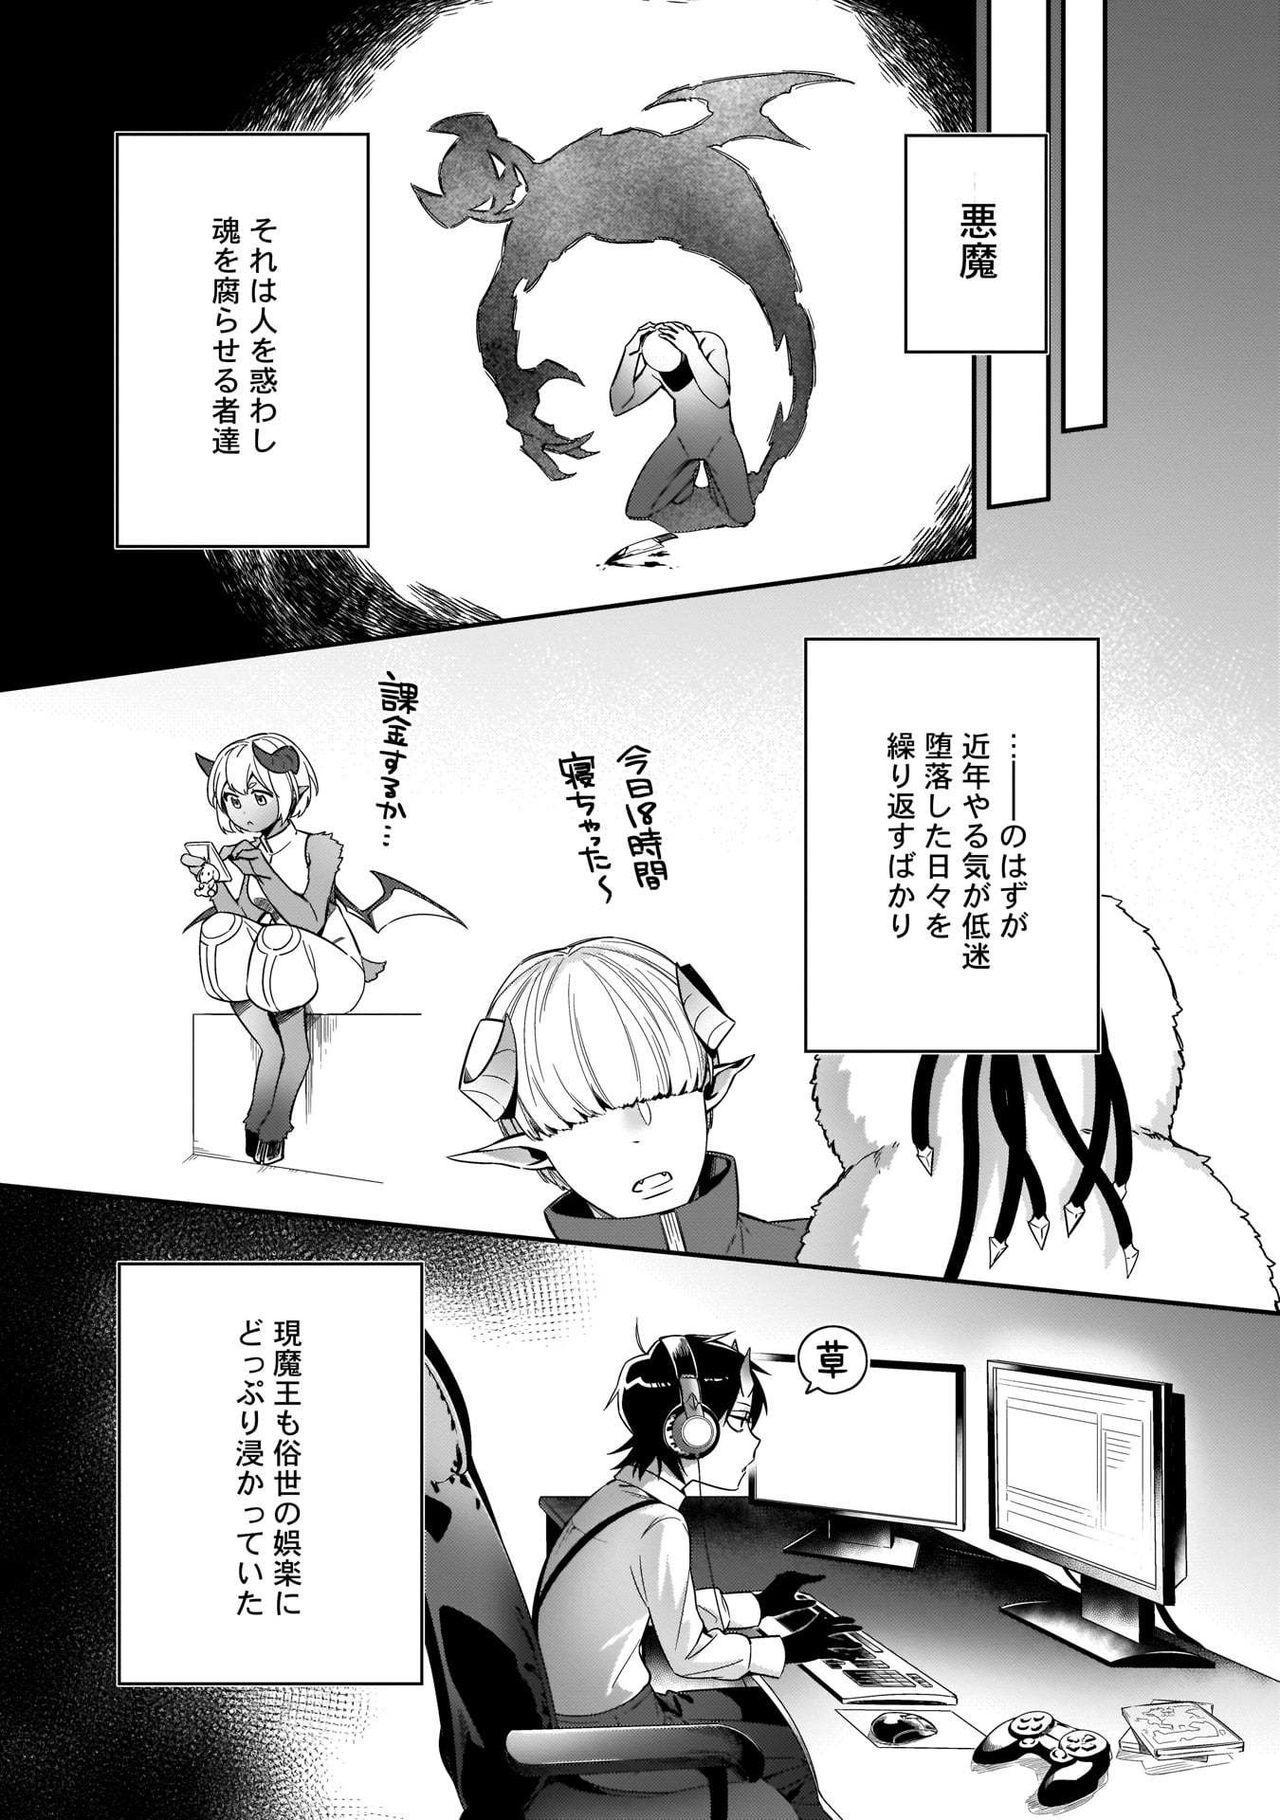 Torokeru kaikan sokuochi akuma 1-2 2